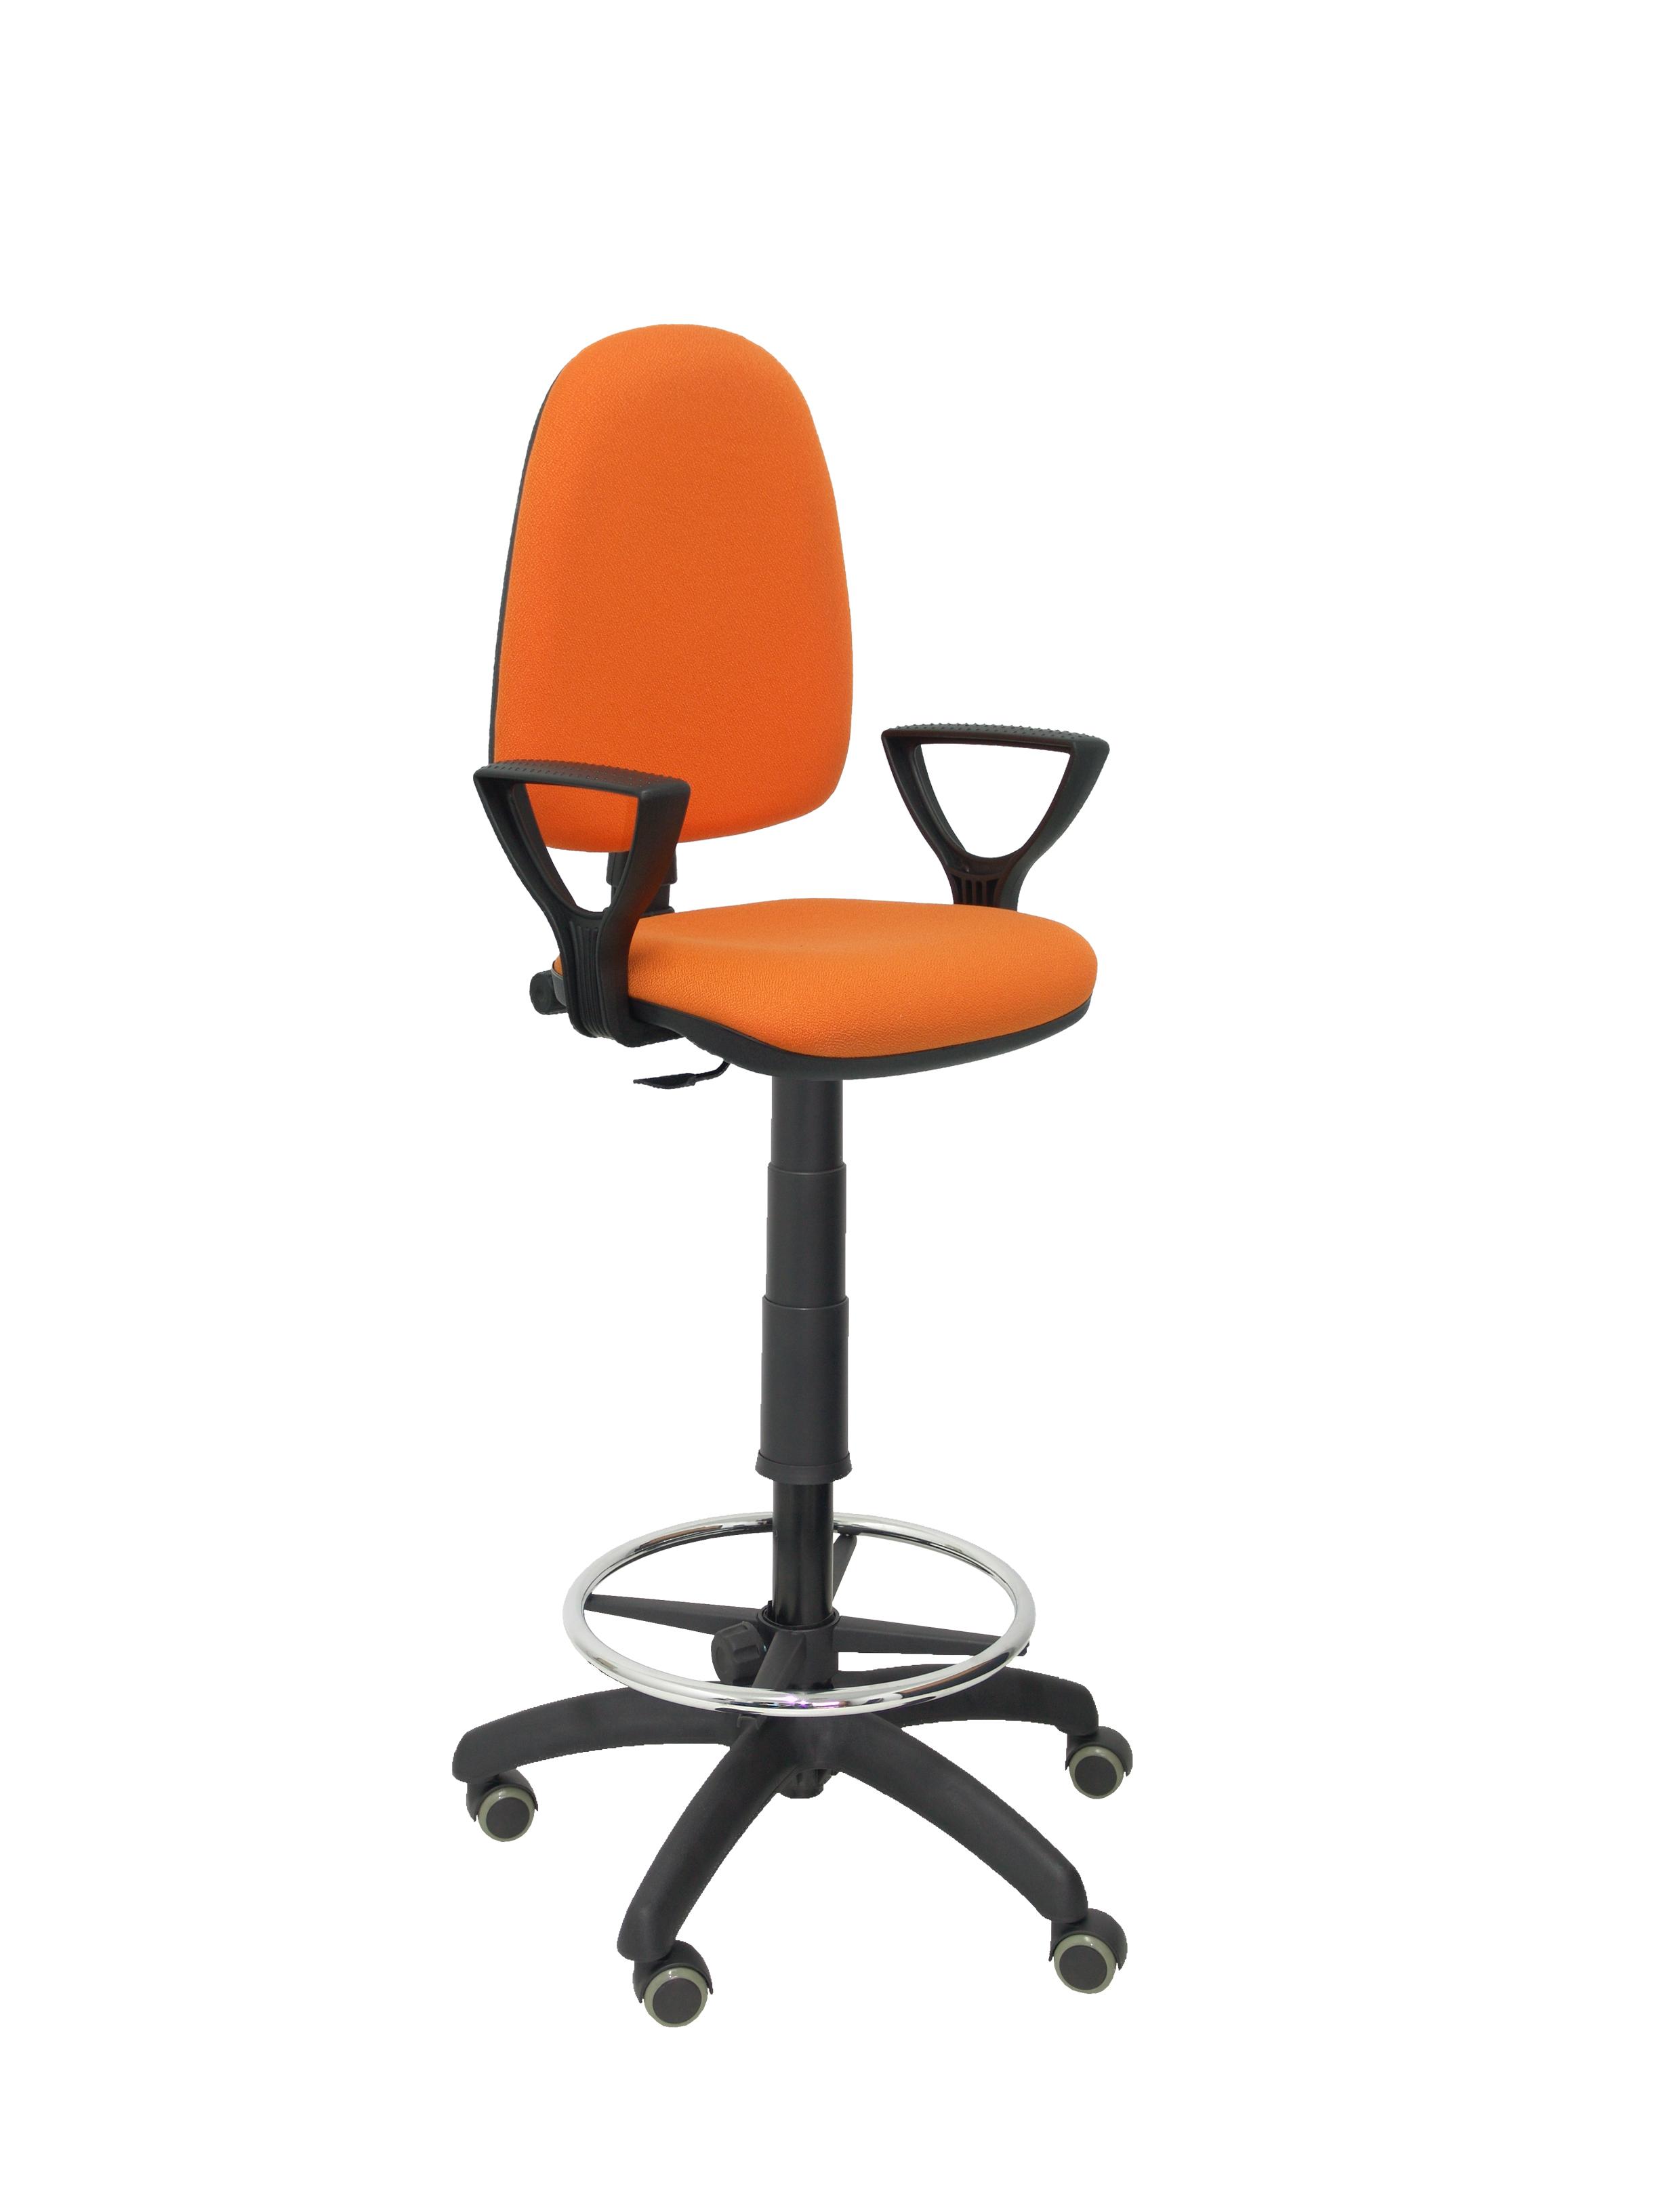 Taburete Ayna bali naranja brazos fijos ruedas de parquet